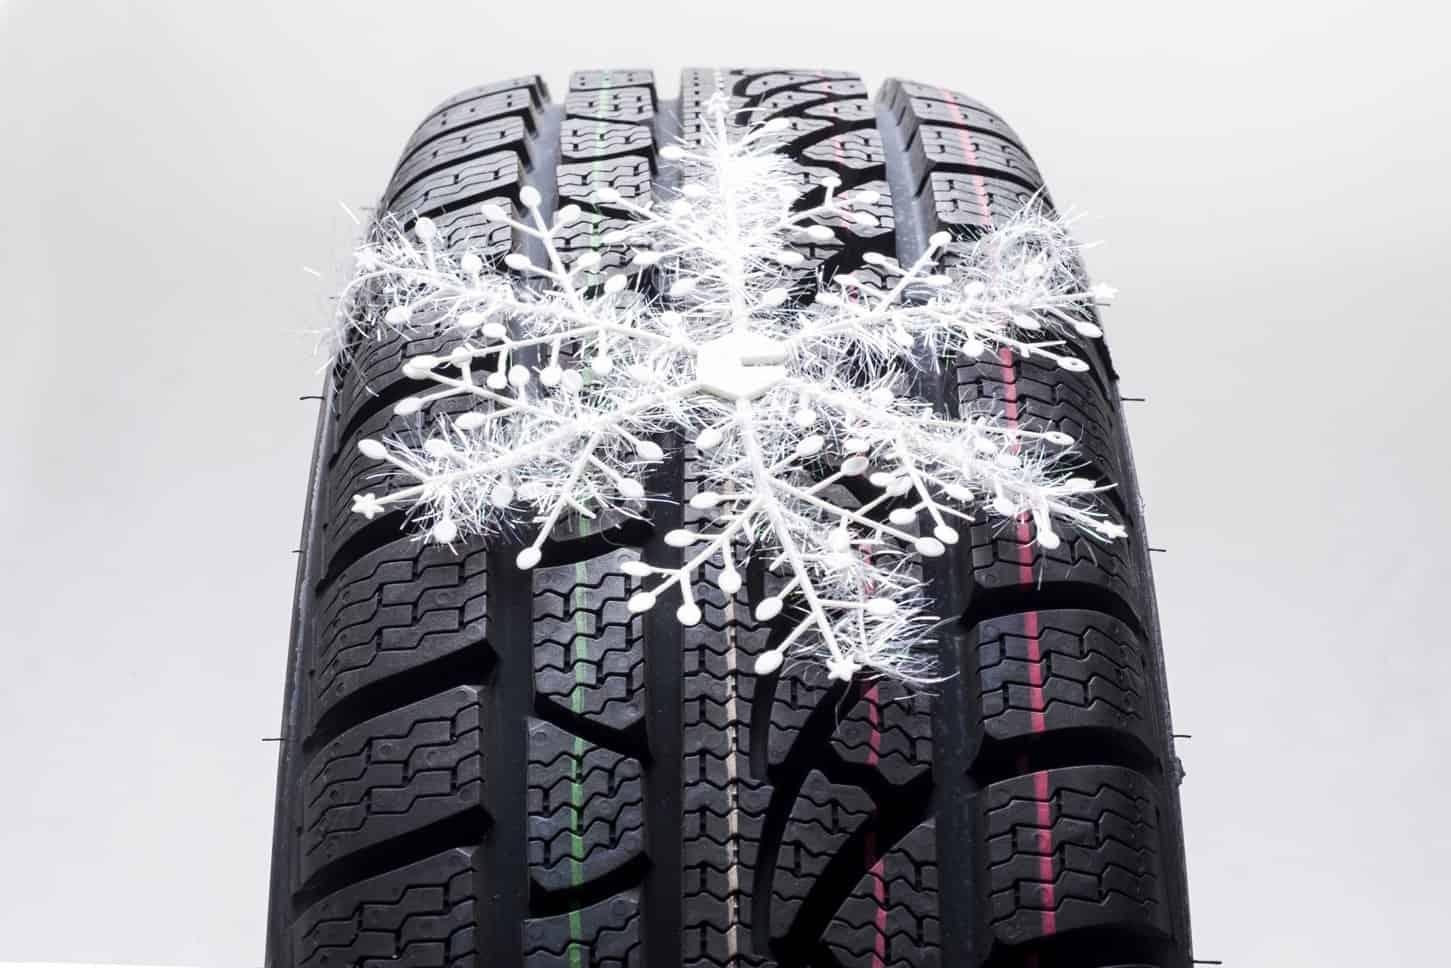 Gli pneumatici invernali superano specifici test che garantiscono la massima prestazione su neve, ghiaccio, bagnato e a basse temperature.